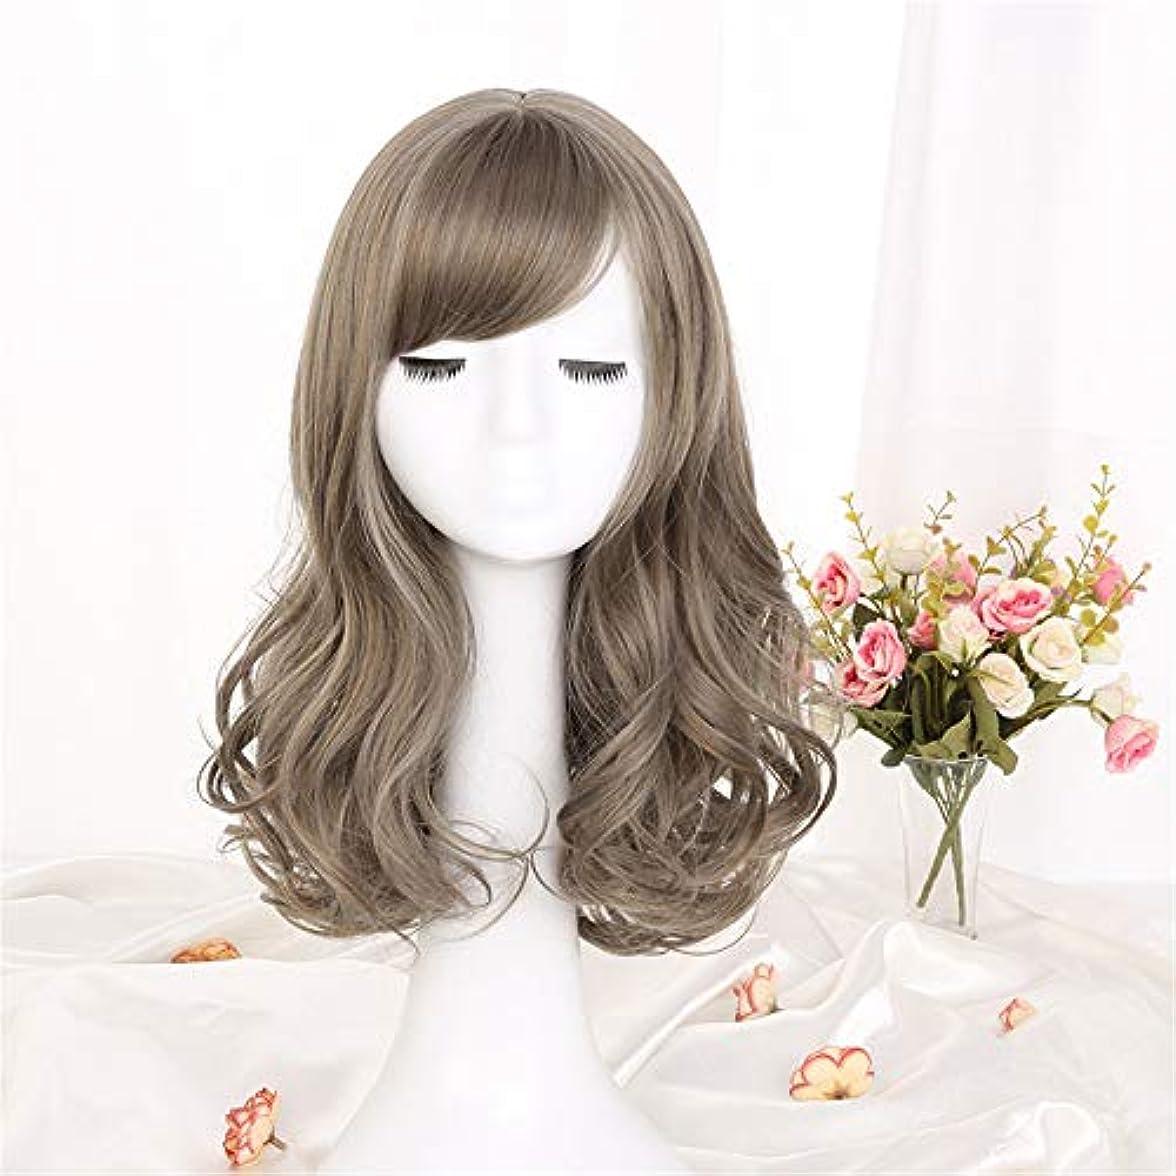 判定愛添加ウィッグ髪化学繊維フードミディアム長波高温合成繊維ウィッグ女性用ウィッググリーンウッドリネンアッシュ42cm